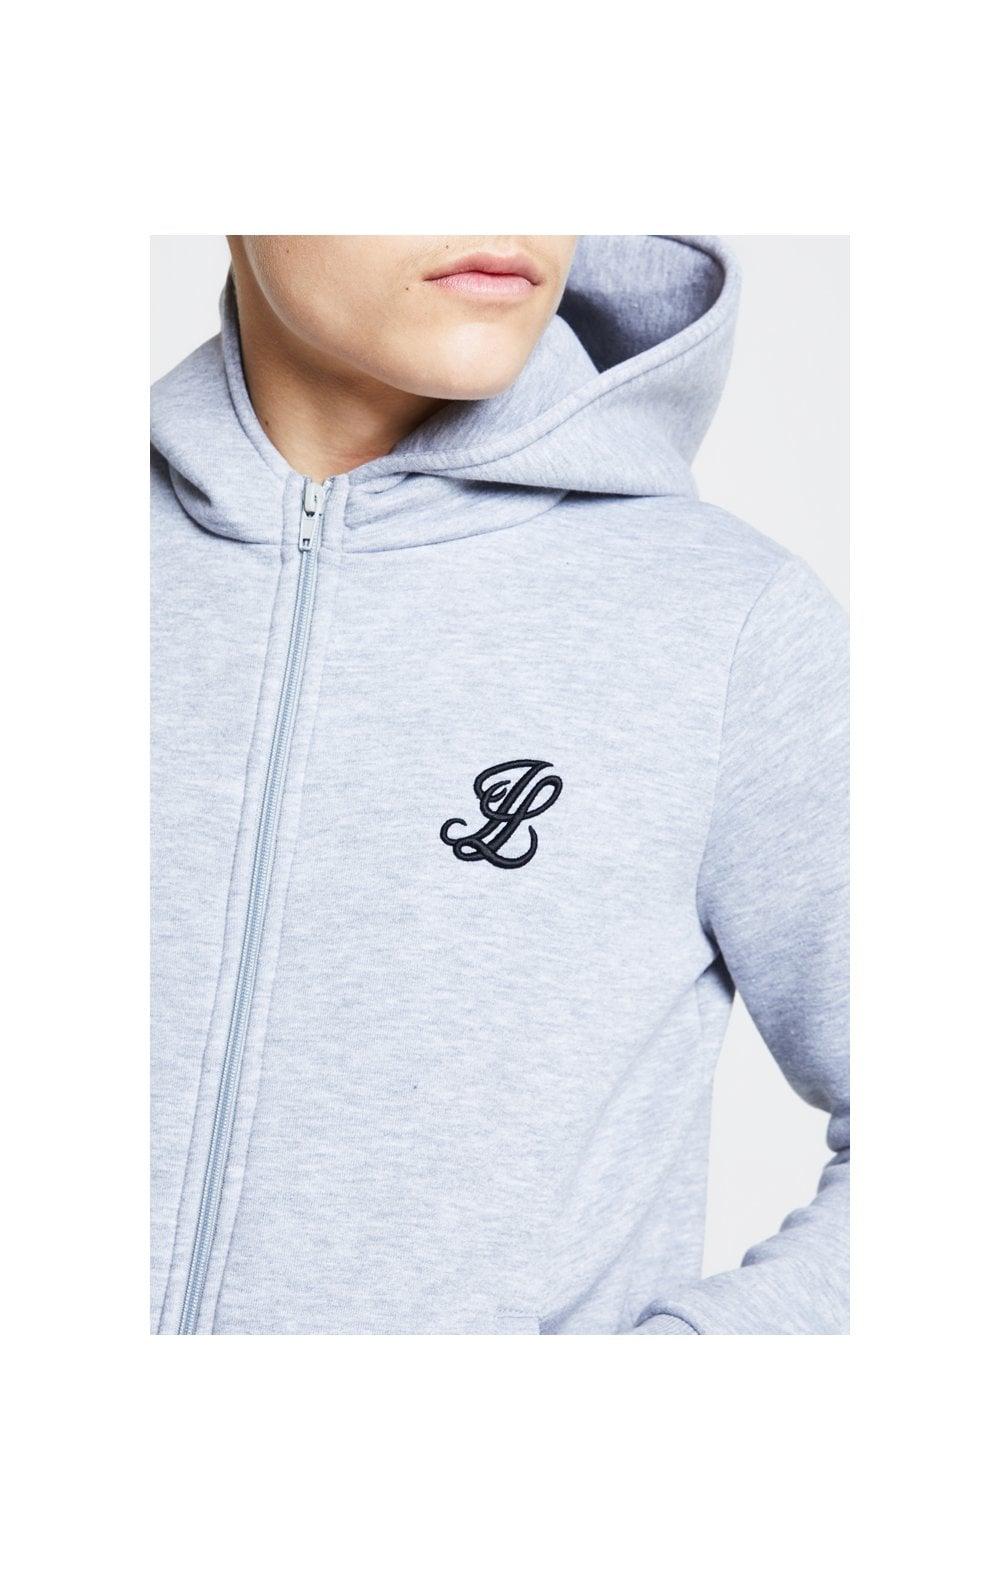 Illusive London Zip Through Hoodie  Grey Marl Kids Top Sizes: 13-14 YRS